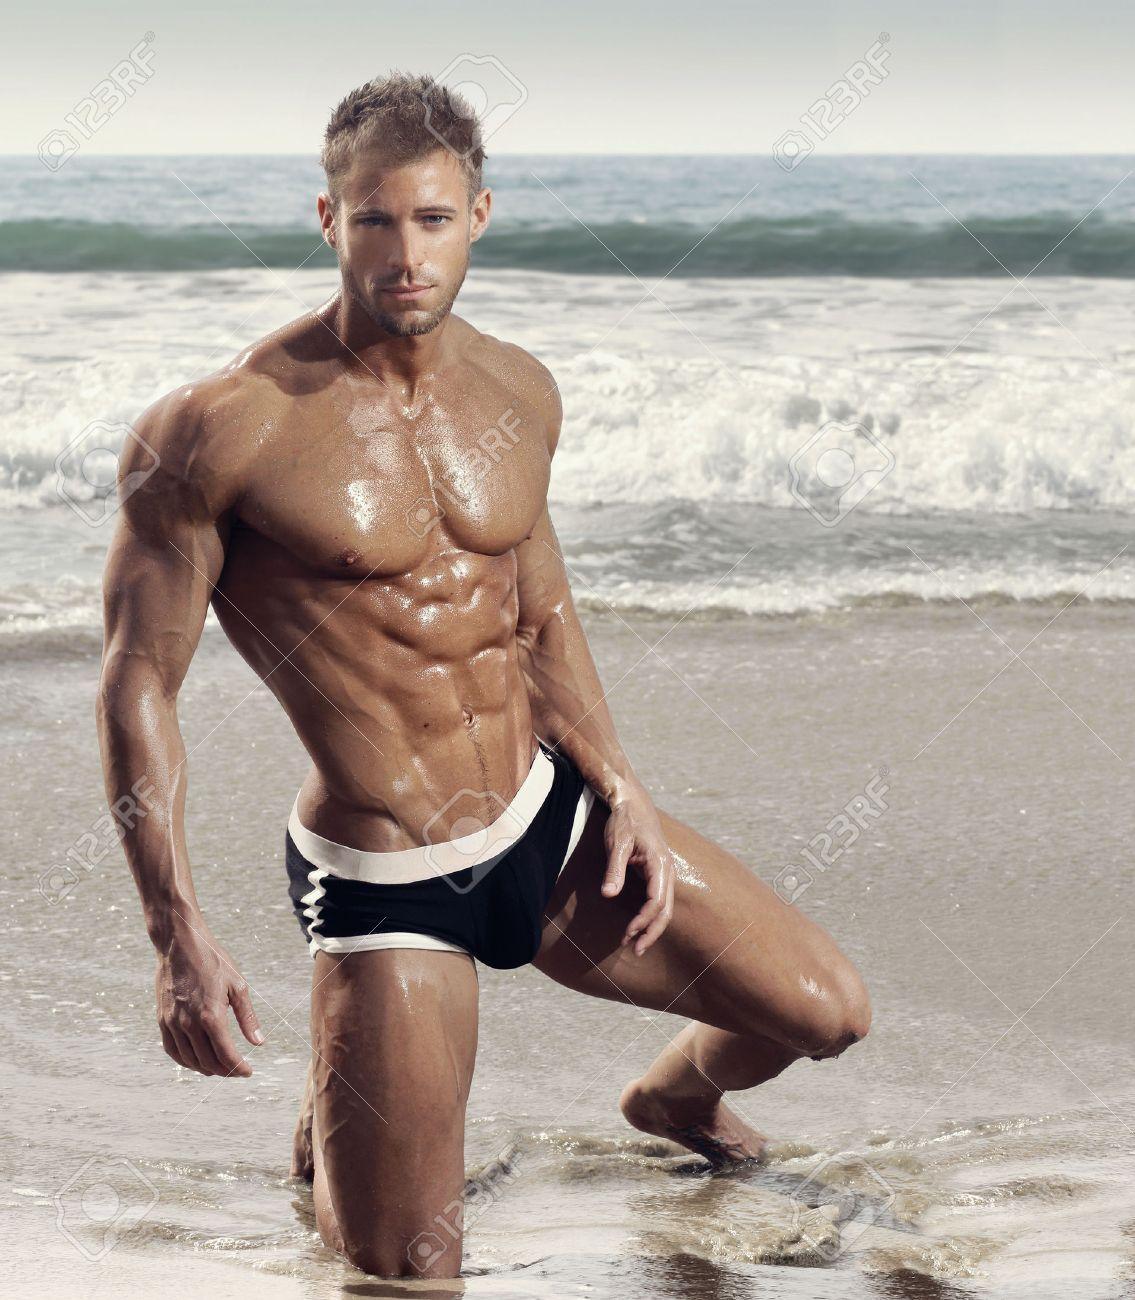 фитнес мужчины фото пляжный